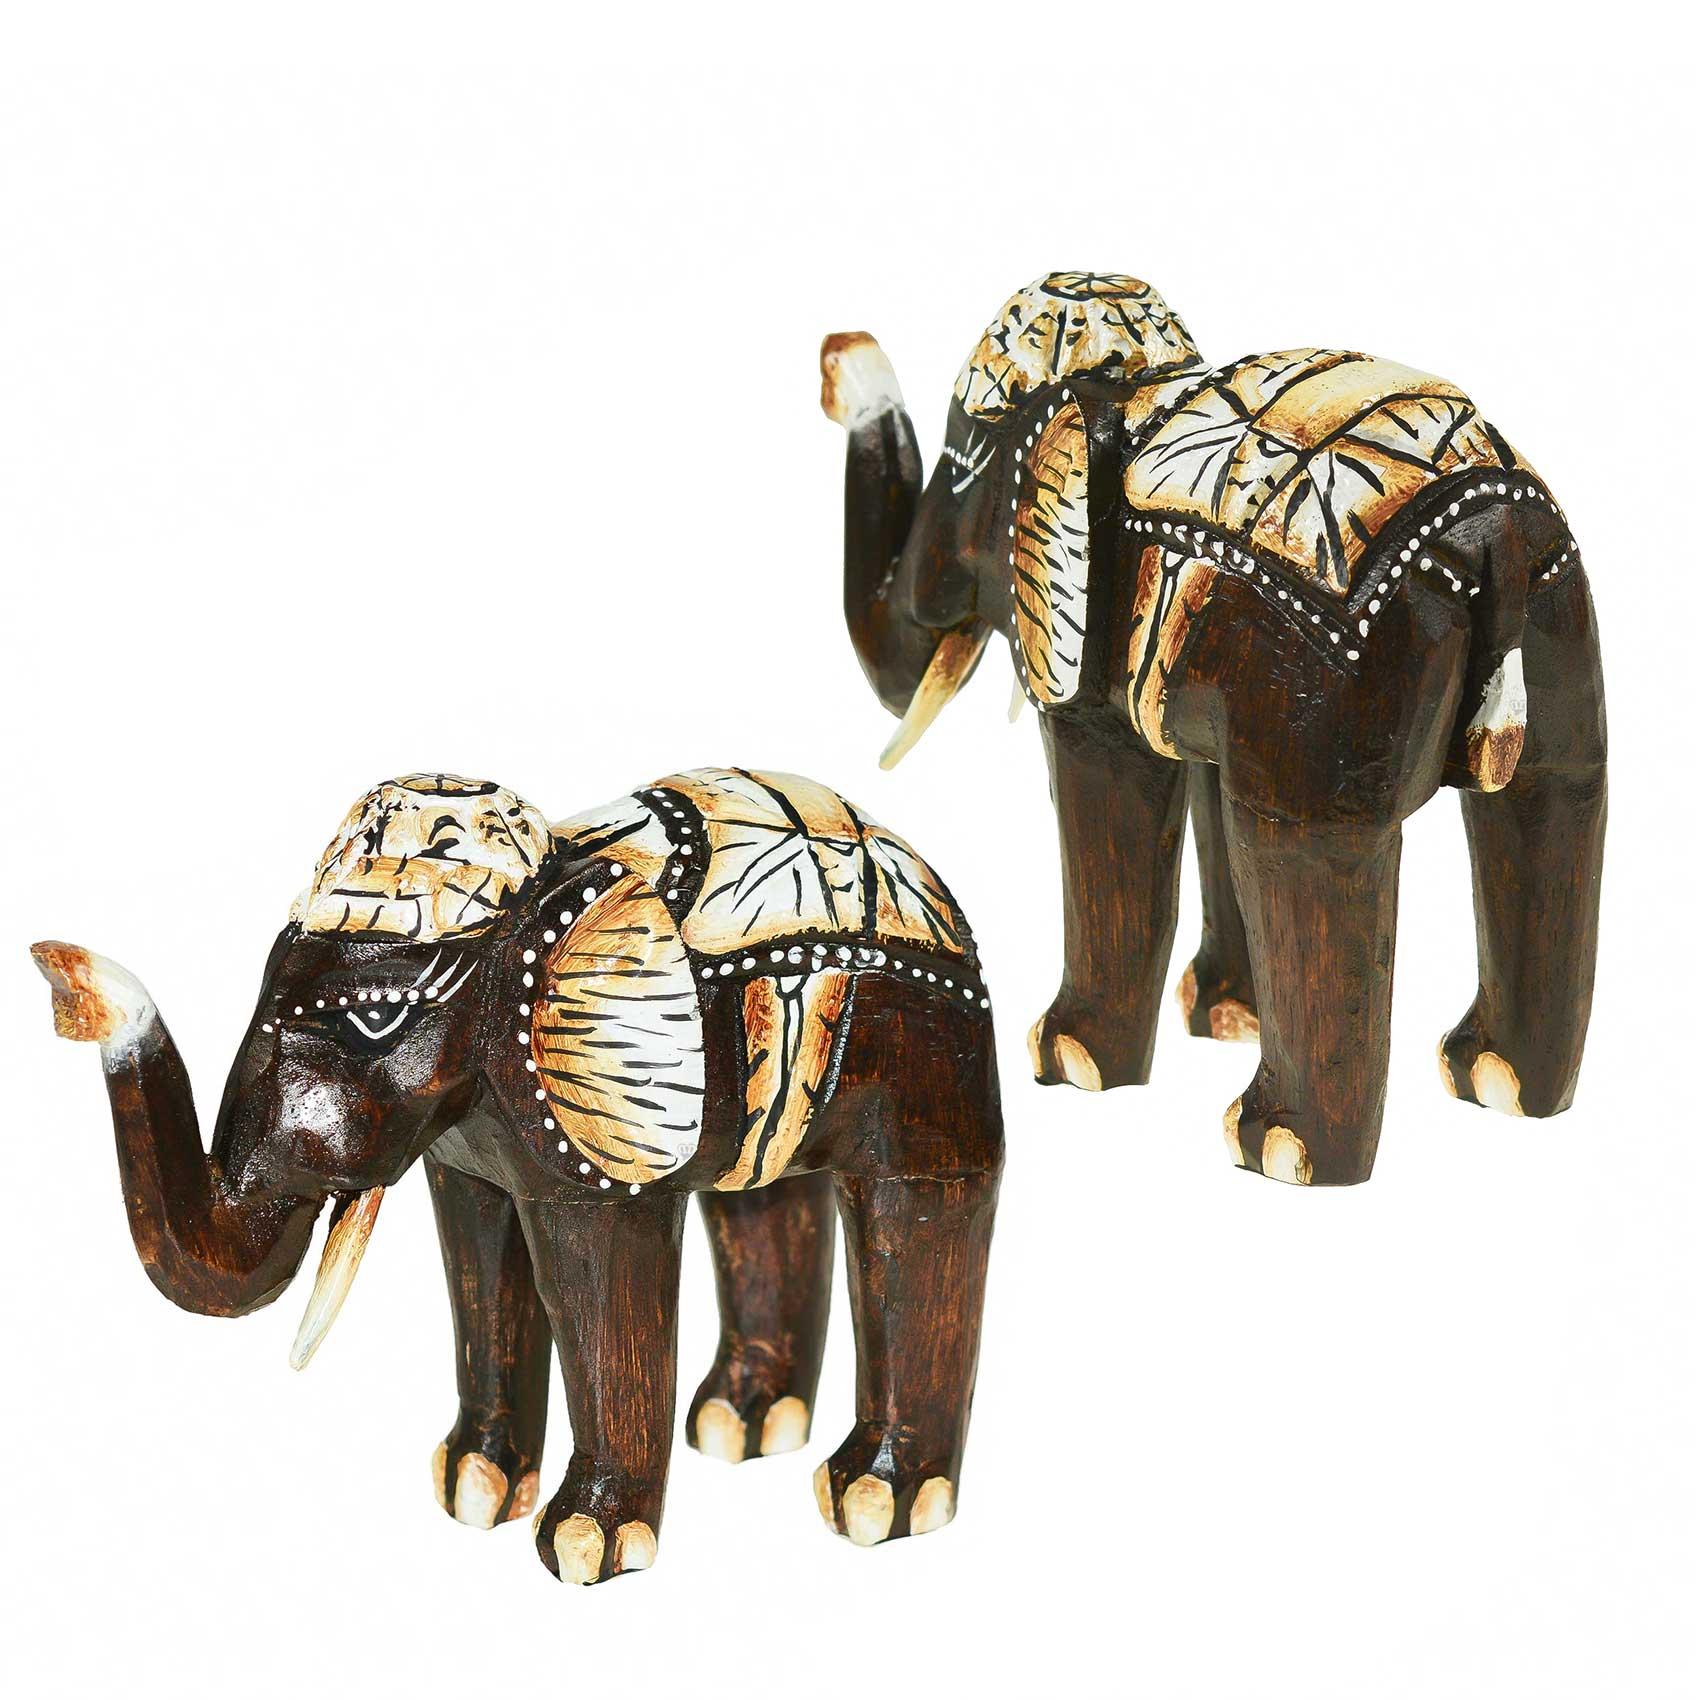 3er-Set Elefanten Bumbo aus Albesia-Holz, Deko-Elefanten, 15, 20, 25 cm – Bild 4